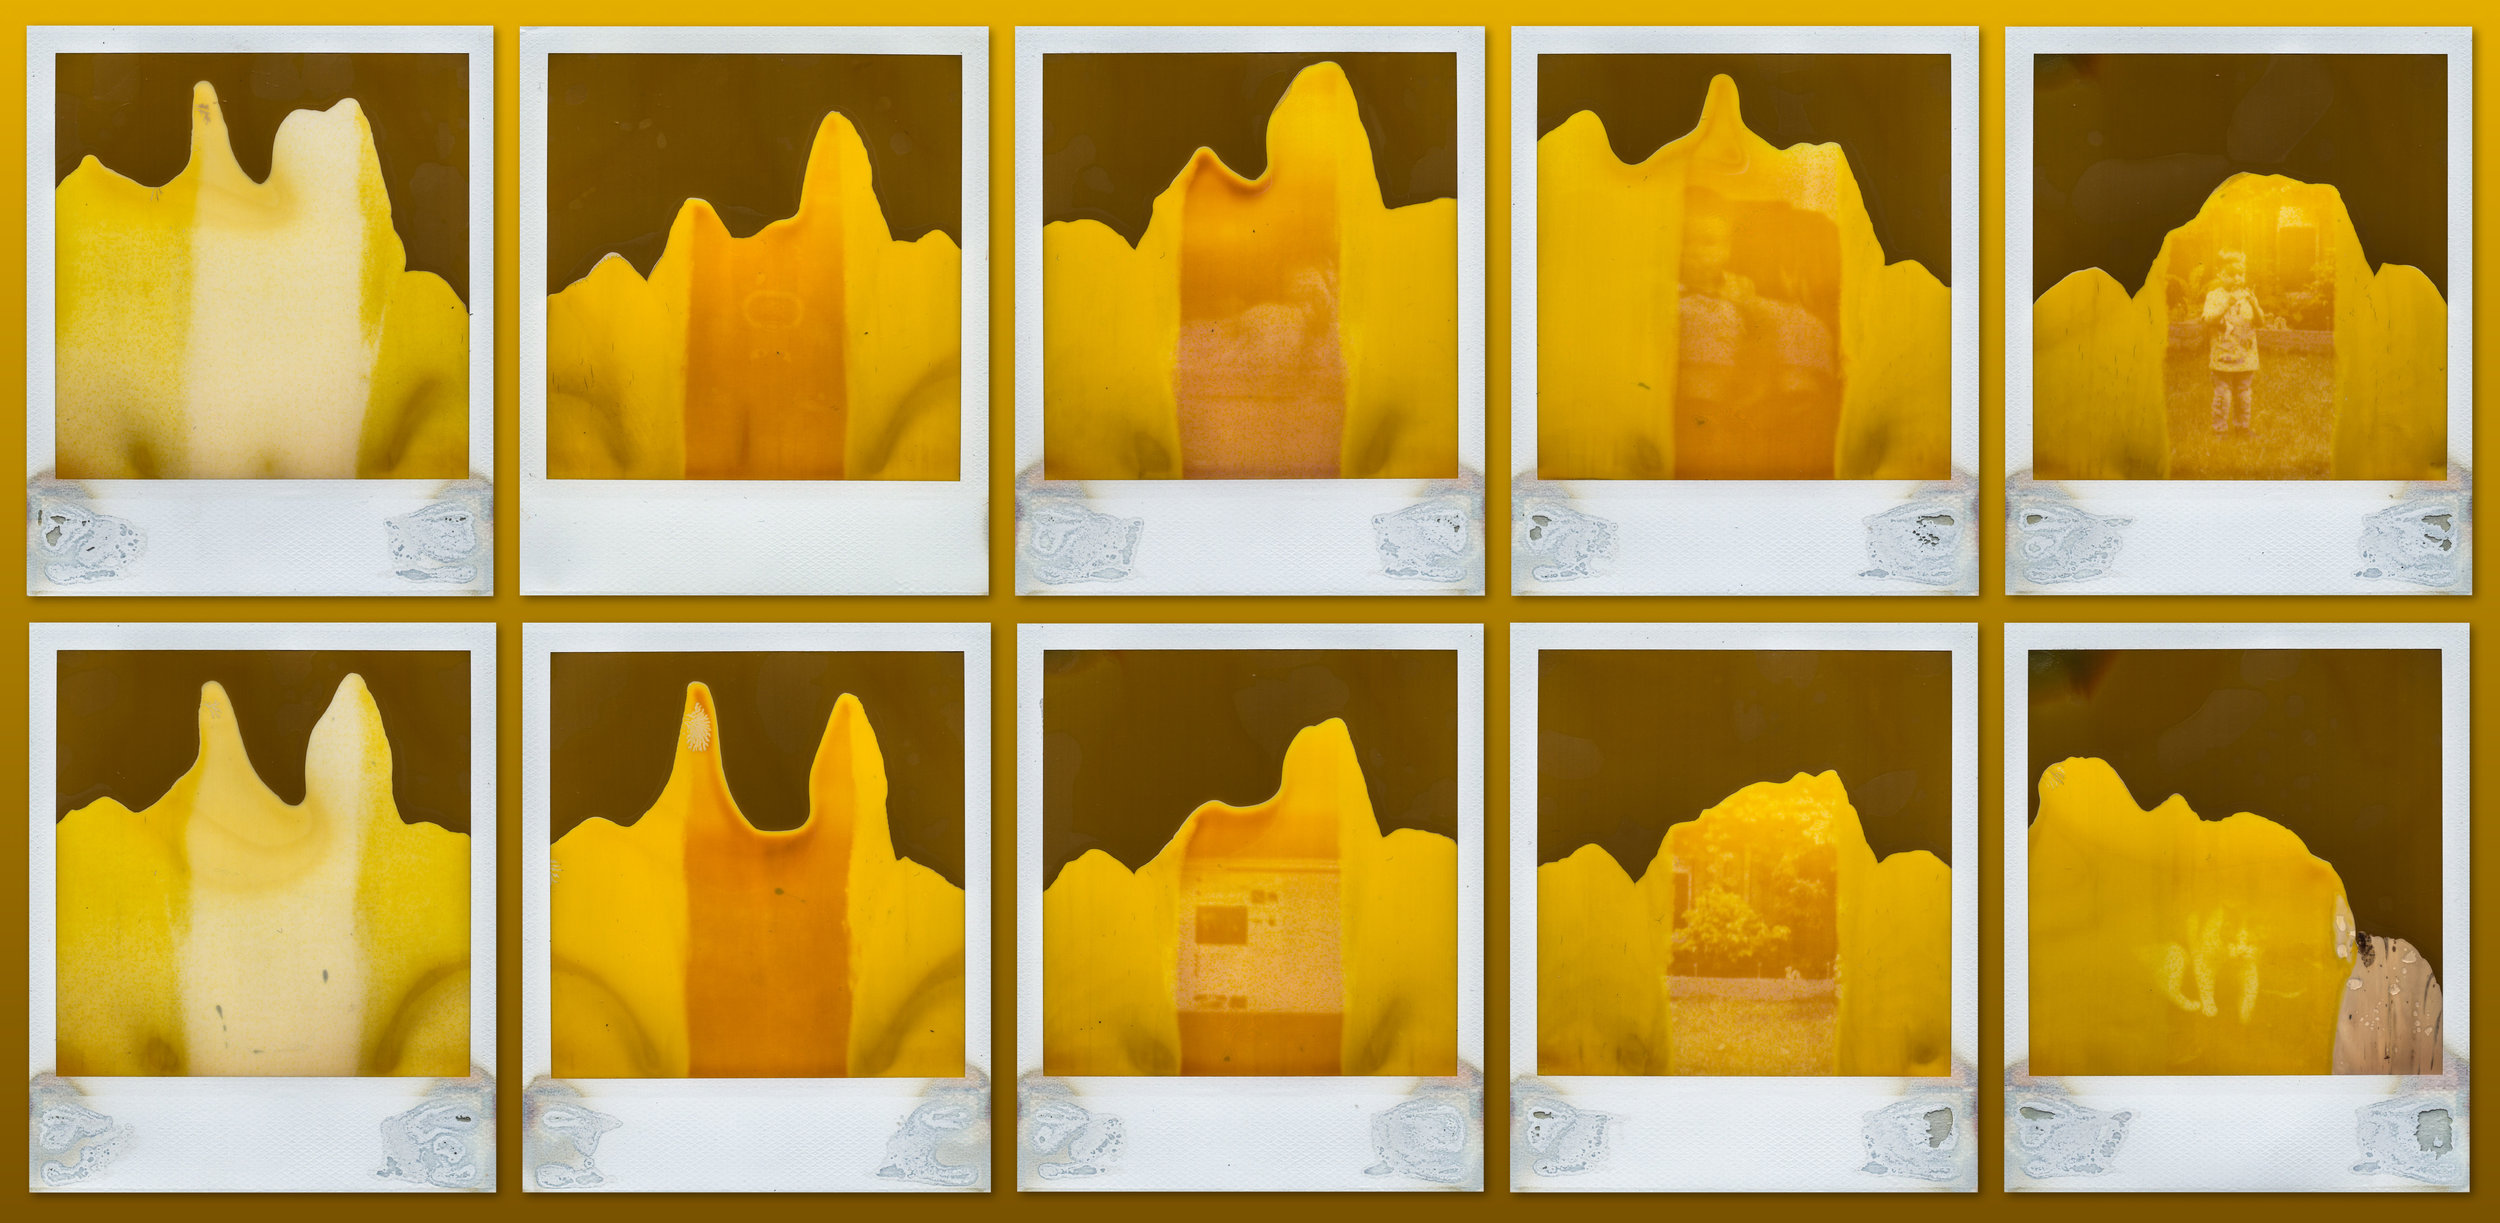 2x5 | Polaroid SX70 | Polaroid 600 (Expired) | Collage | Karin Claus | @karinclaus